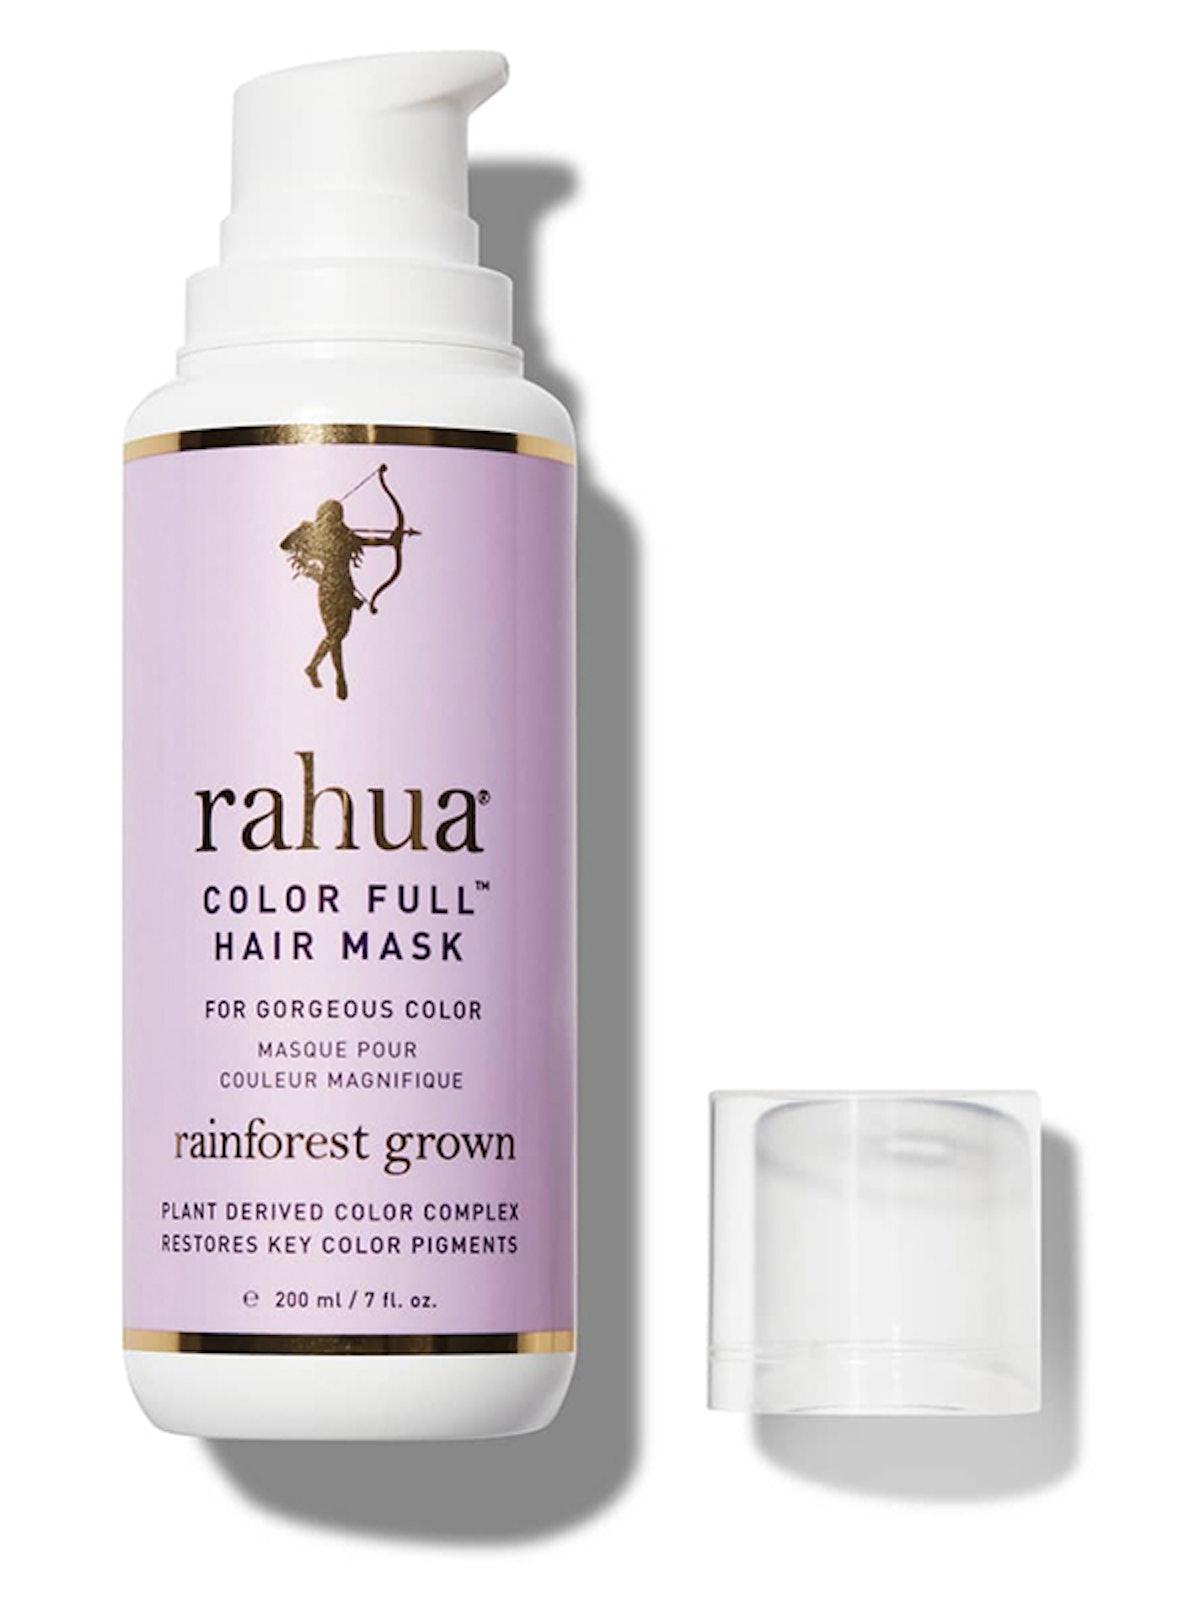 Color Full™ Hair Mask